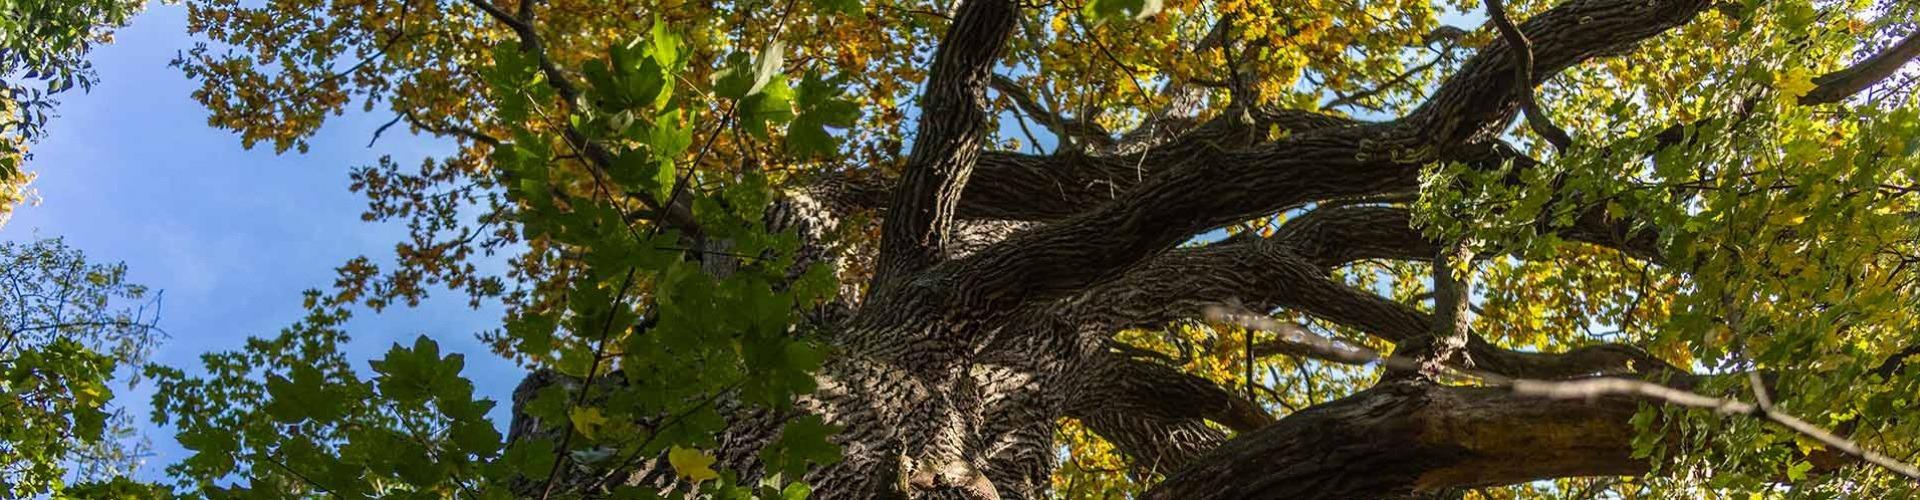 Éghajlatunk tartóoszlopai a fák